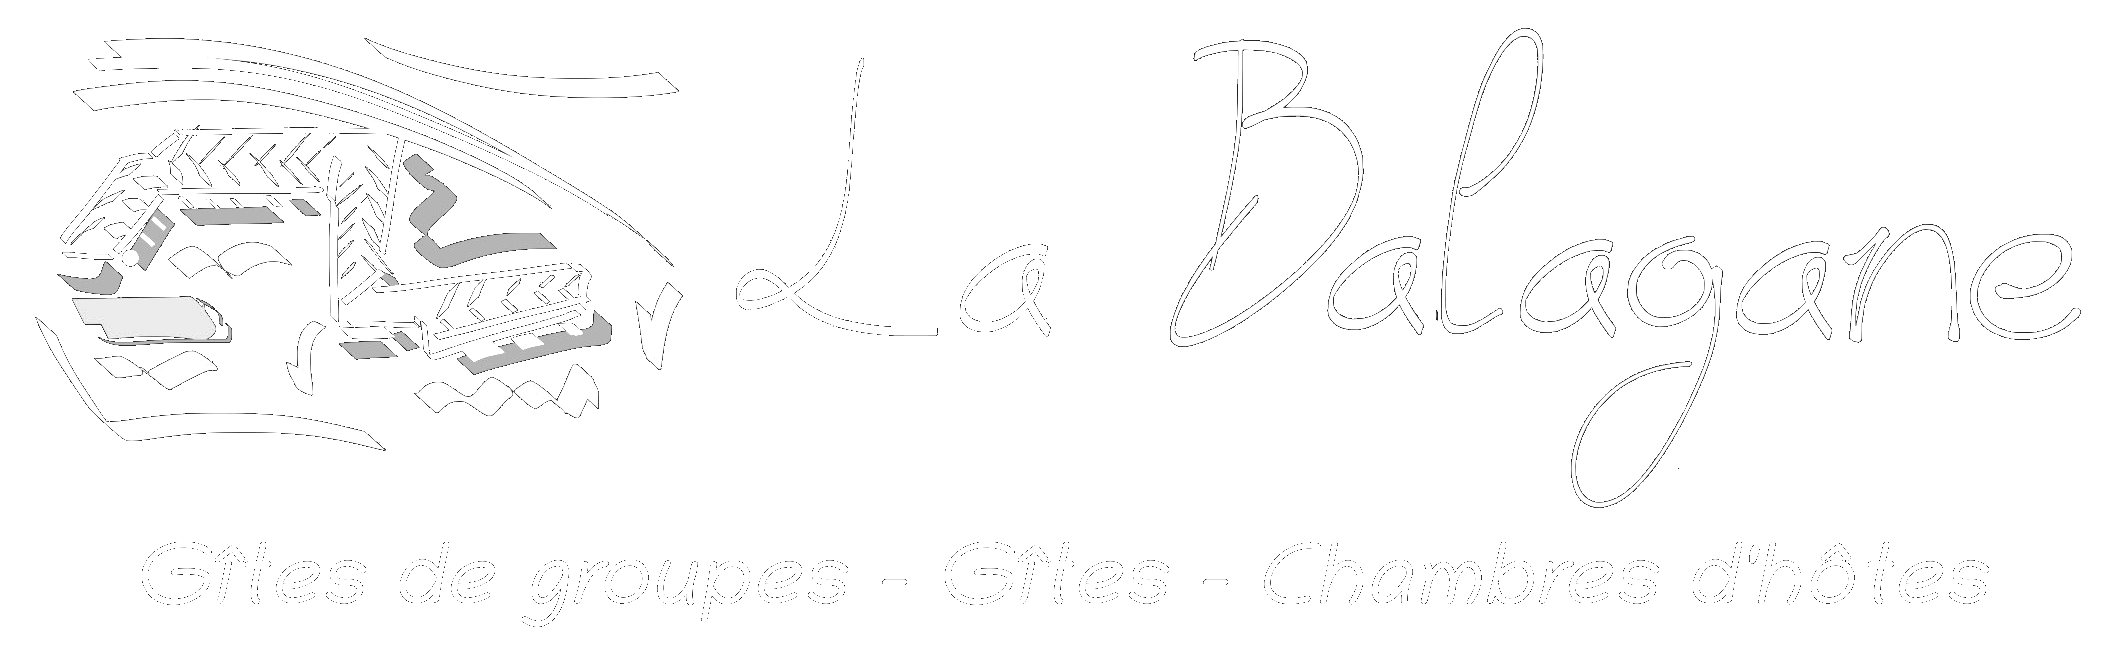 CHANGEMENT DE PROPRIÉTAIRE - Le Domaine de la Borie Neuve devient LA BALAGANE